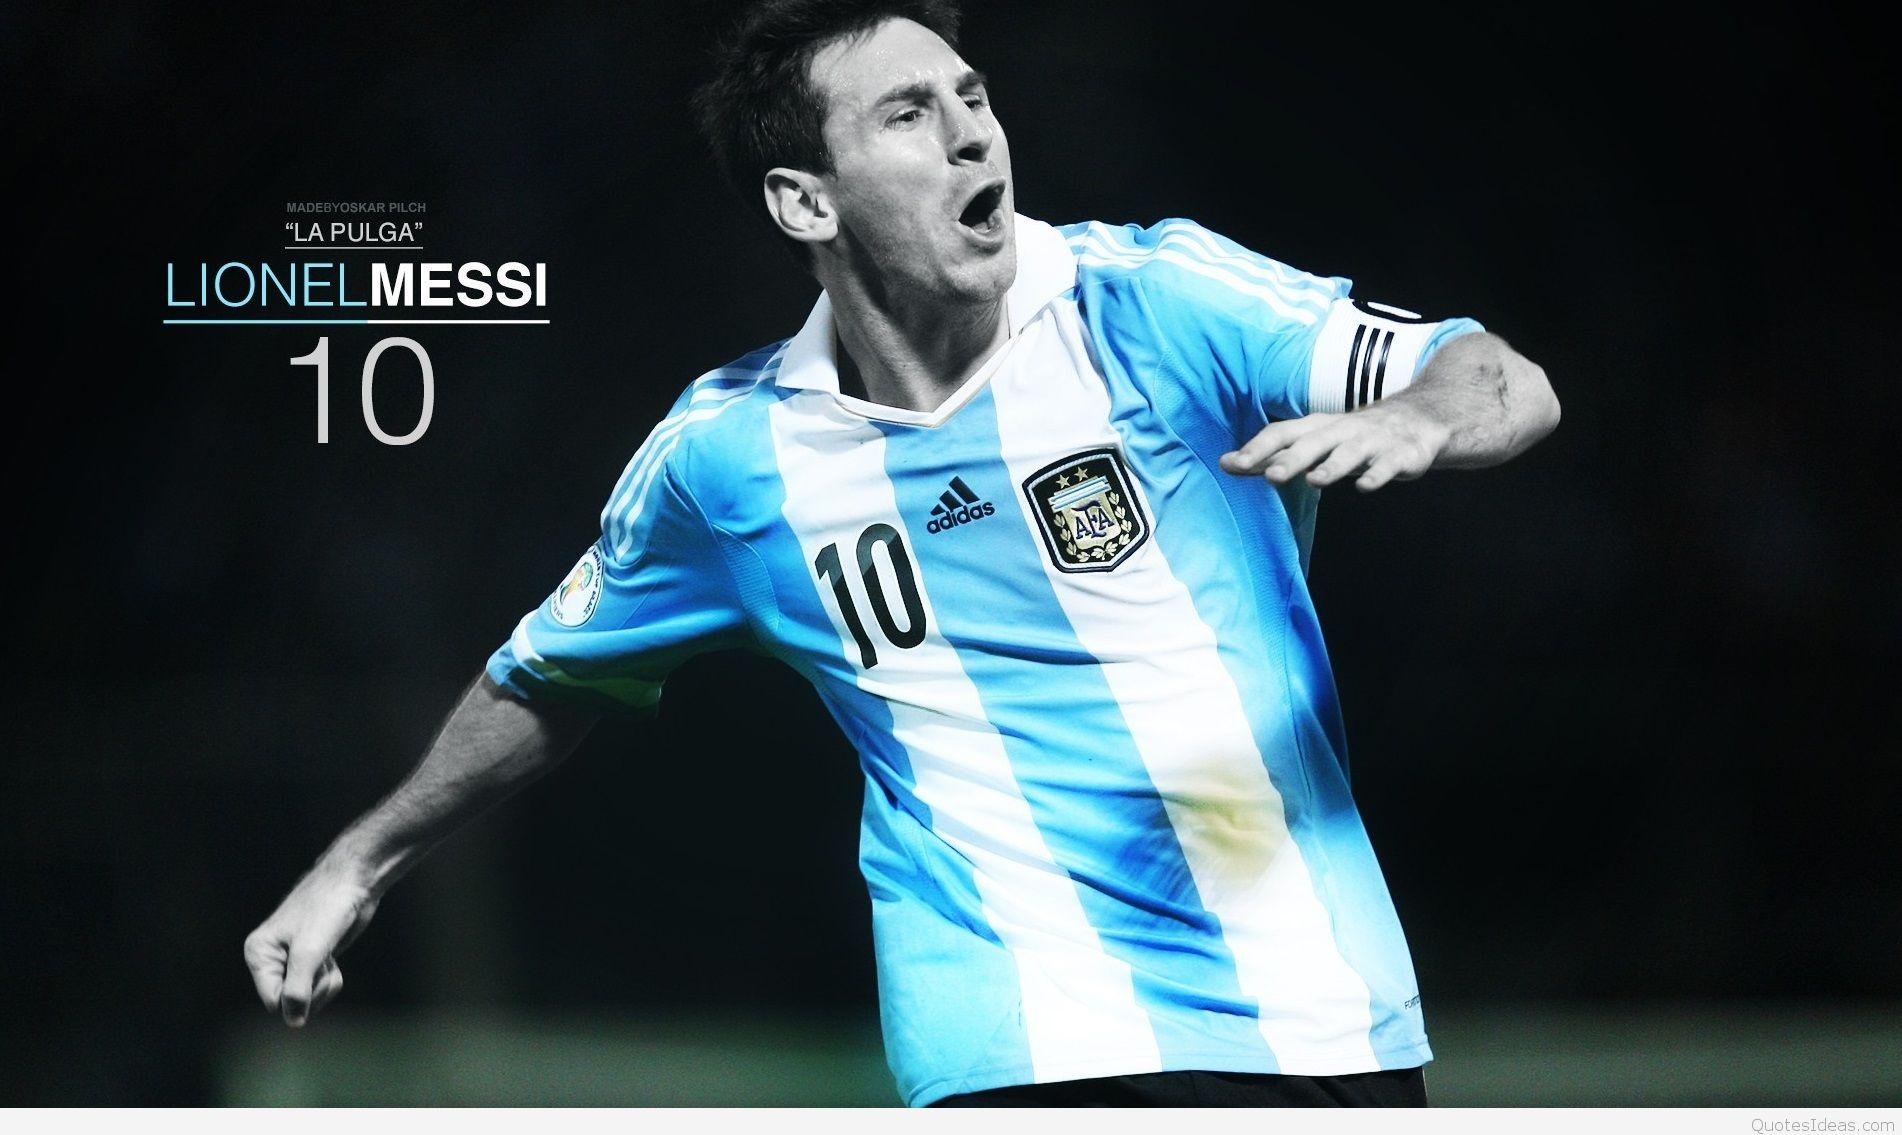 Lionel Messi Hd Desktop Wallpaper Widescreen High Definition